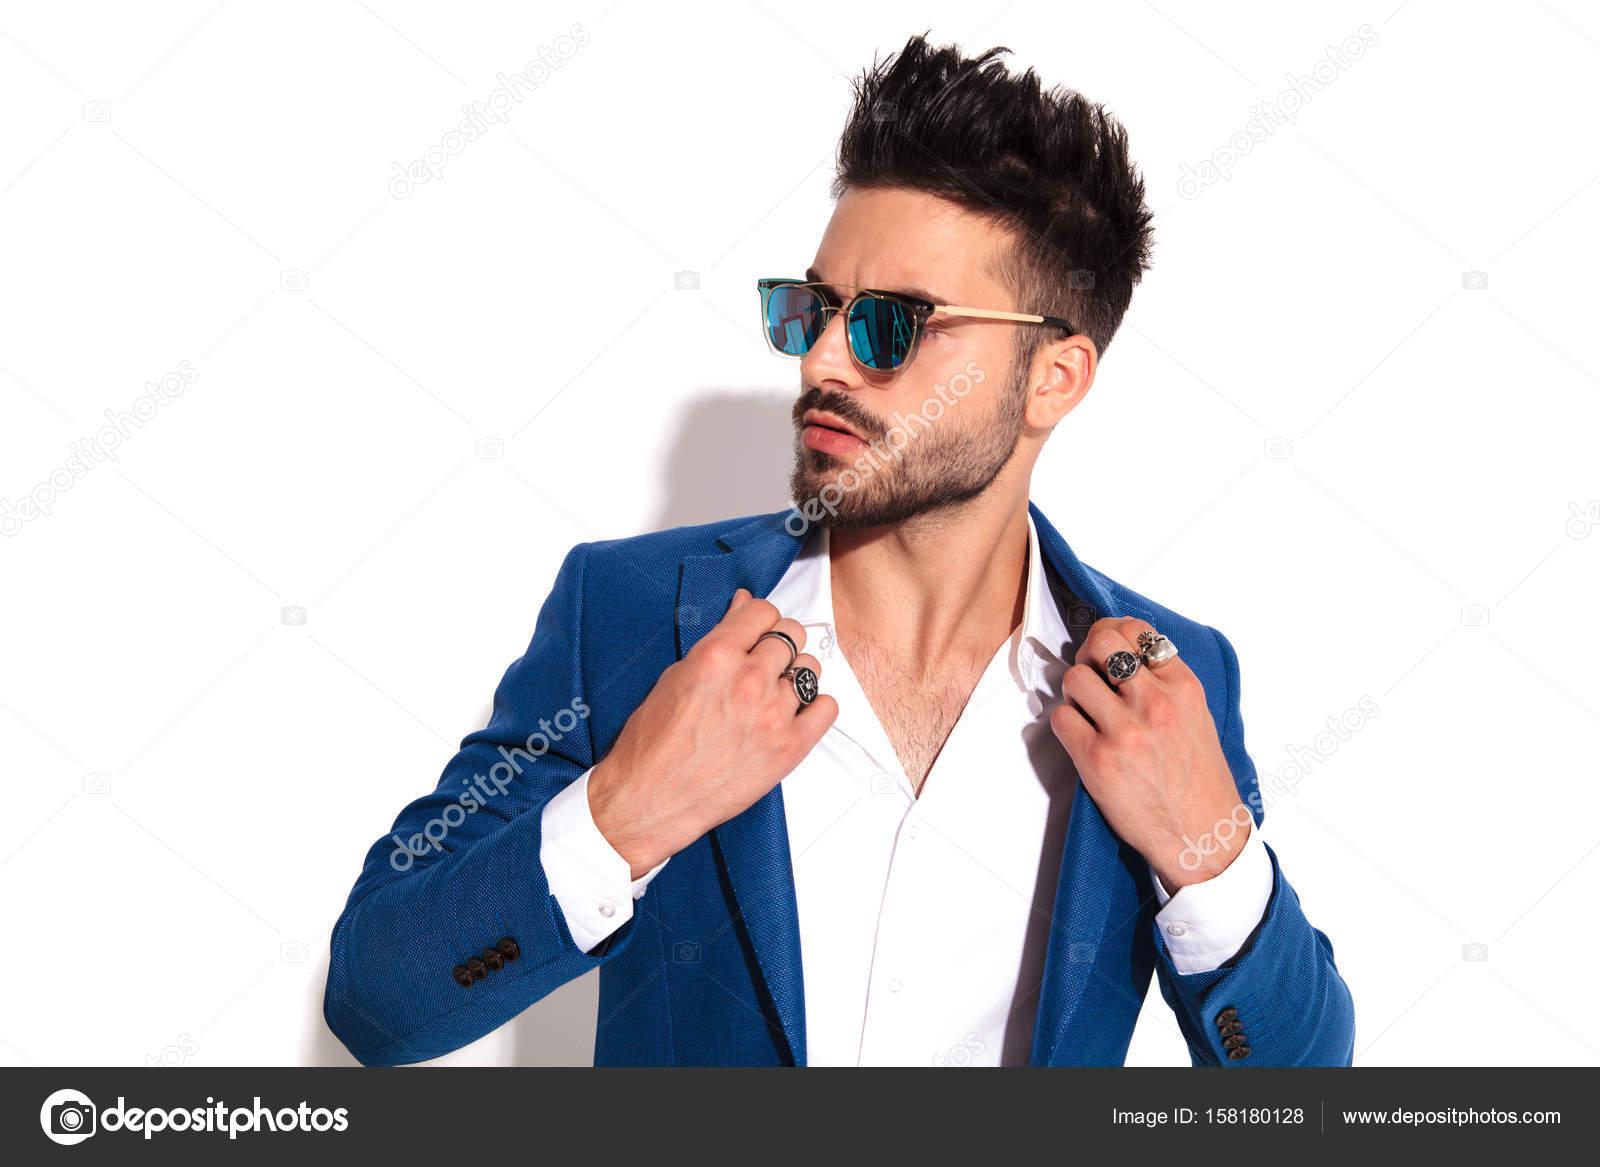 addea384c6167b Nahaufnahme von jungen sexy Mann in Sonnenbrille hält seinen Kragen und  blickt zur Seite auf weißem Hintergrund — Foto von ...